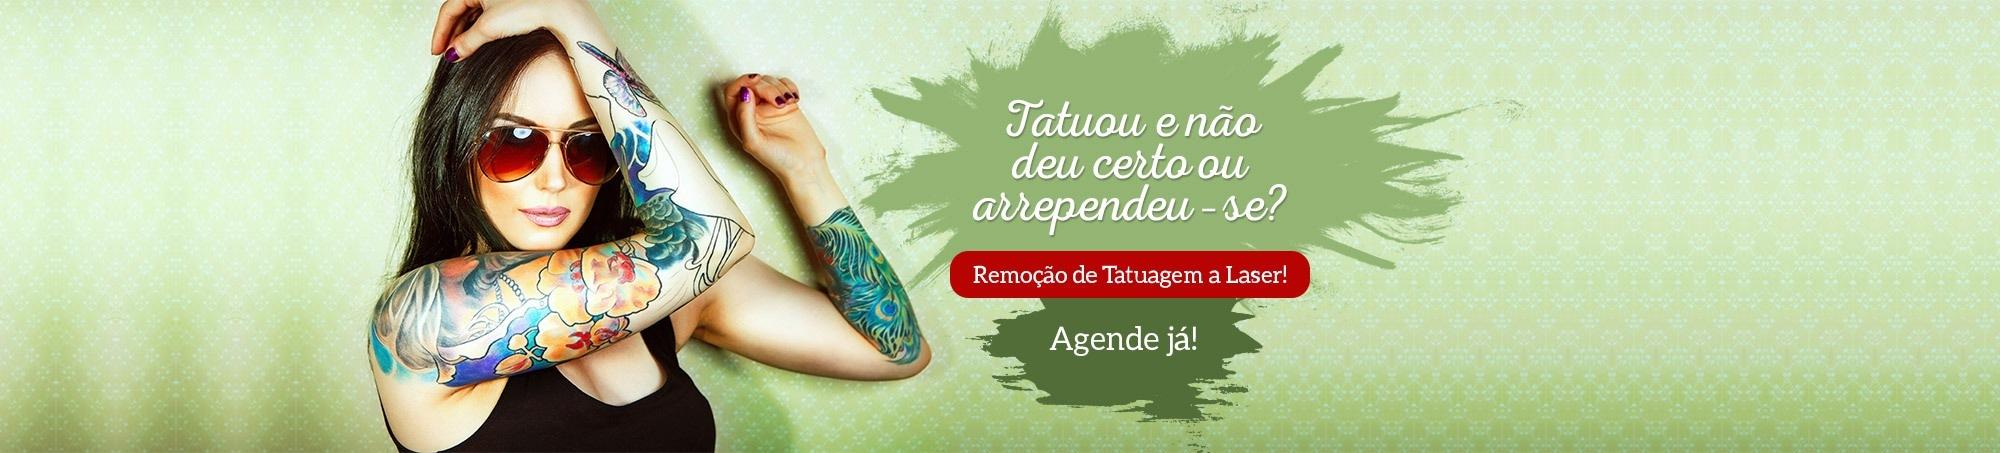 remoção-tatuagem-fisest-1